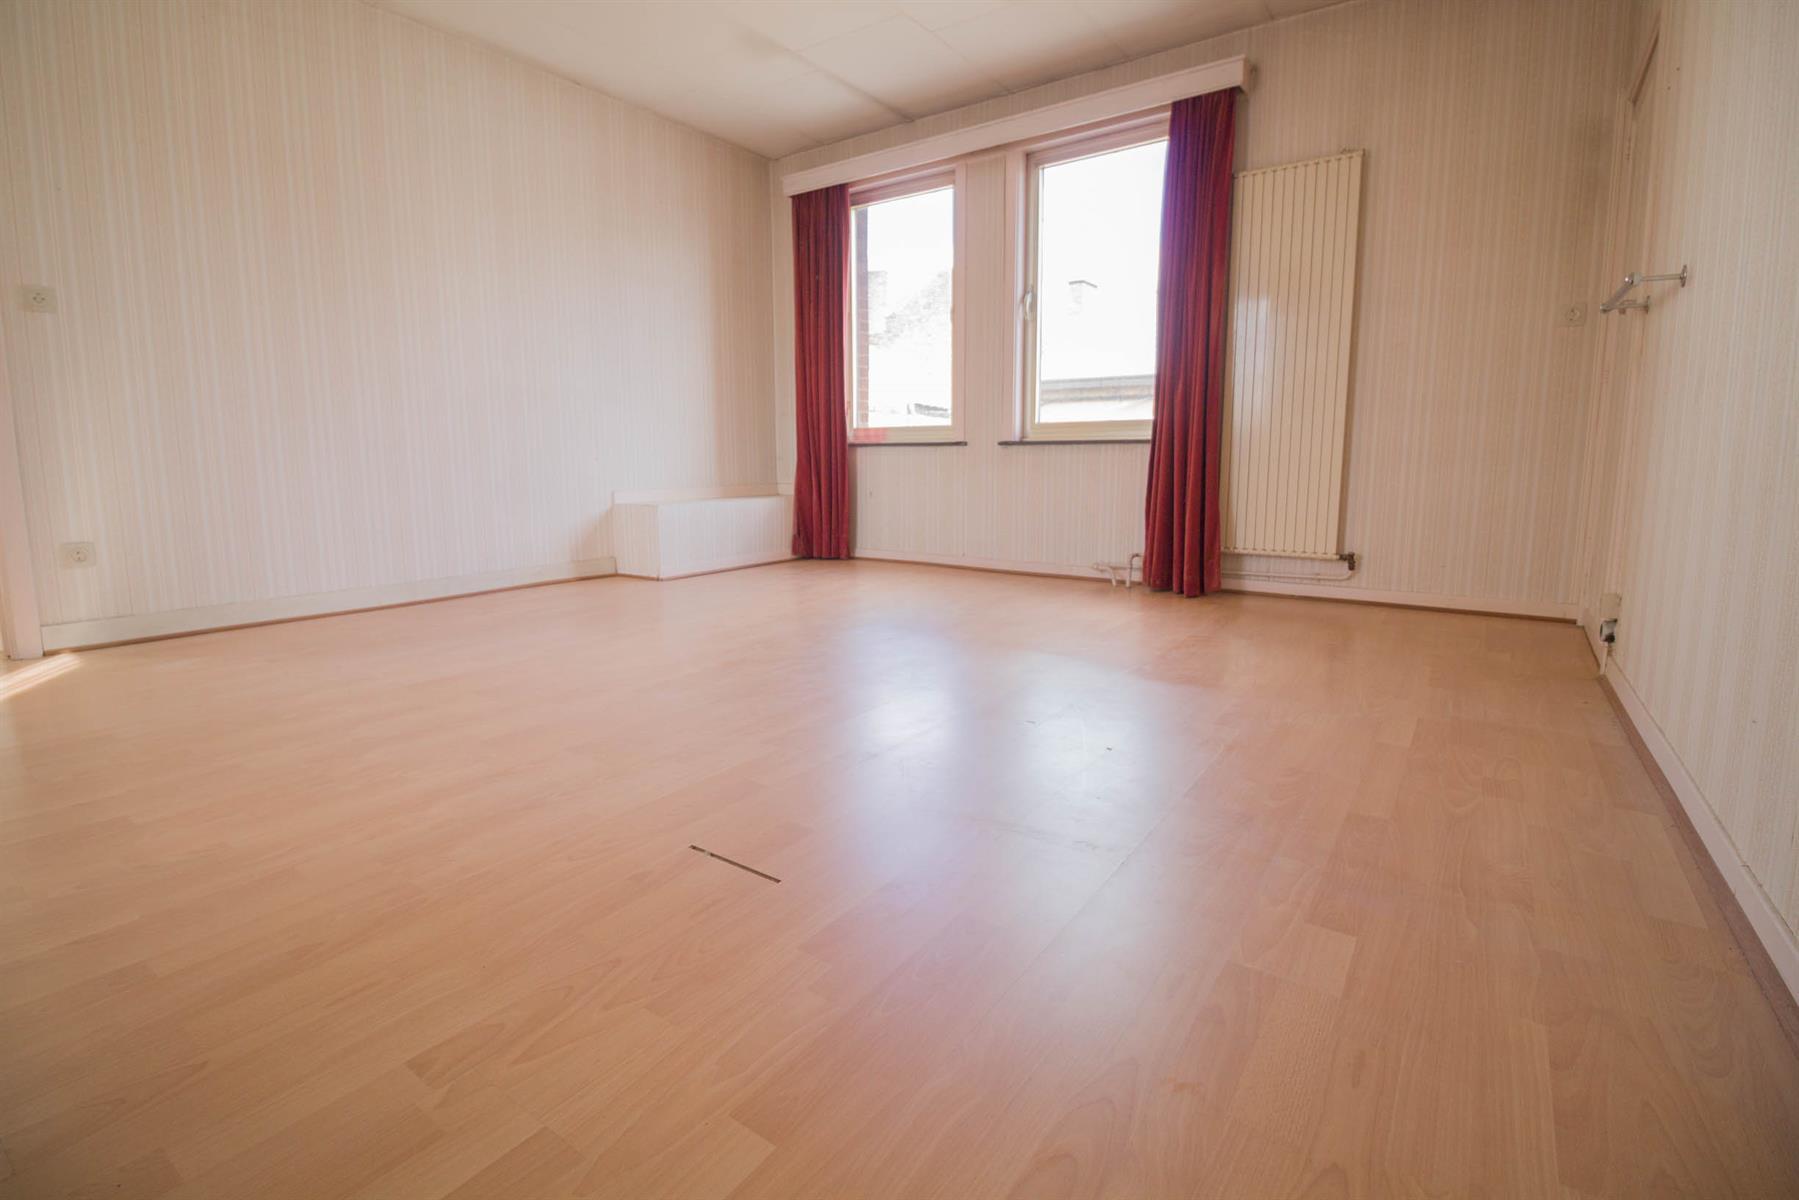 Maison - Trazegnies - #4344336-15